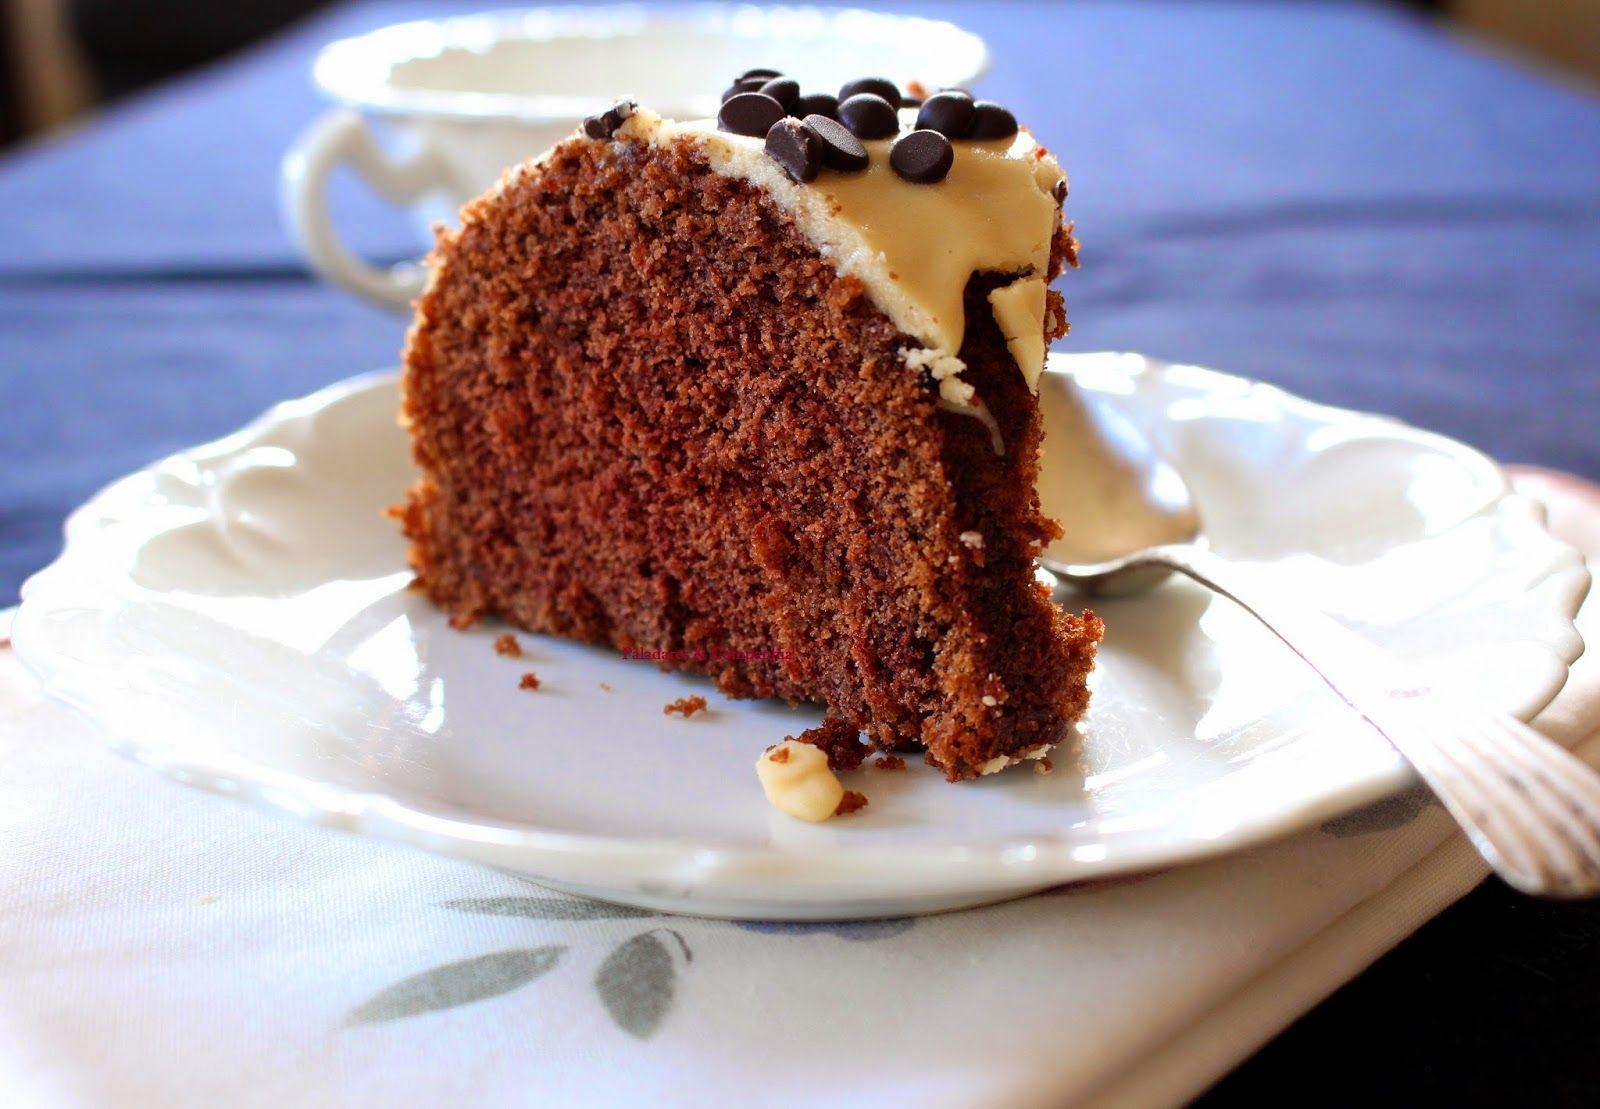 bolo de chocolate com glace de baunilha - Paladares & Companhia